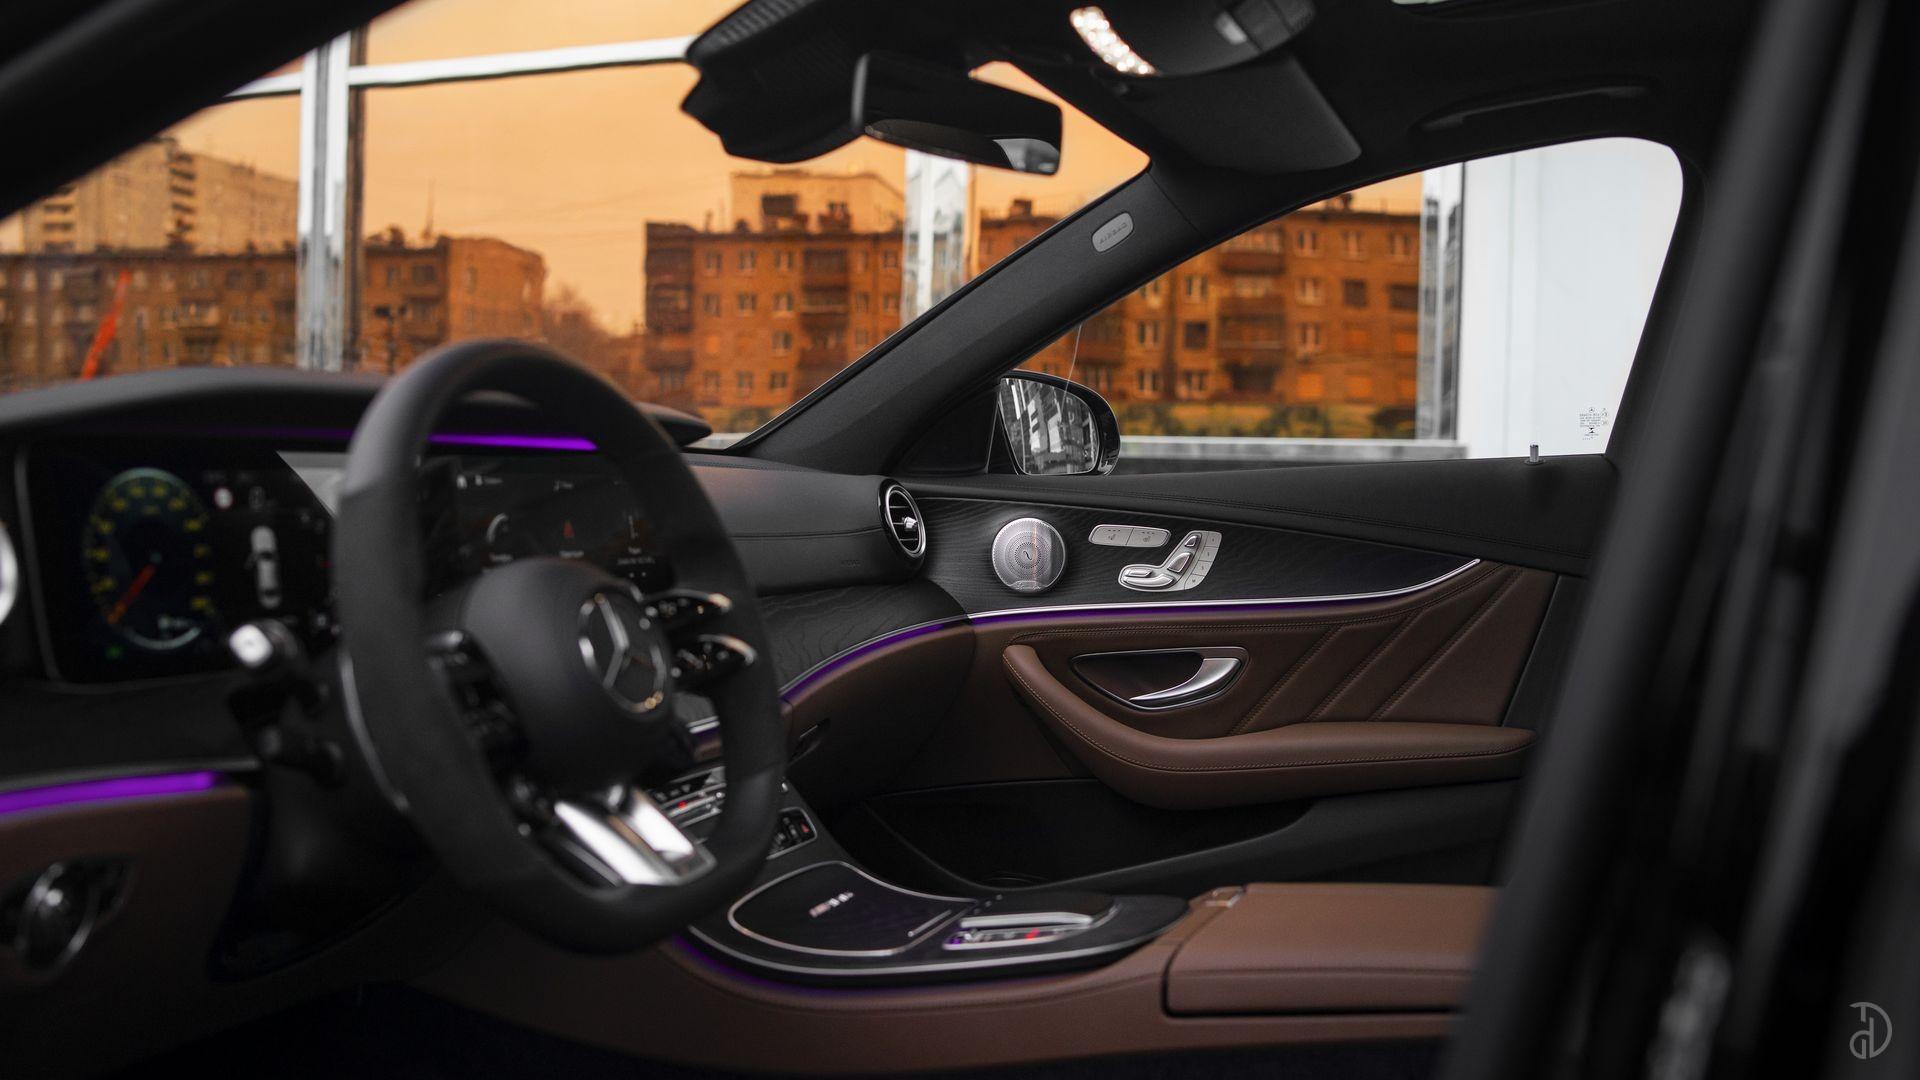 Аренда Mercedes Benz E 63 Amg S 2020 в Сочи. Фото 15